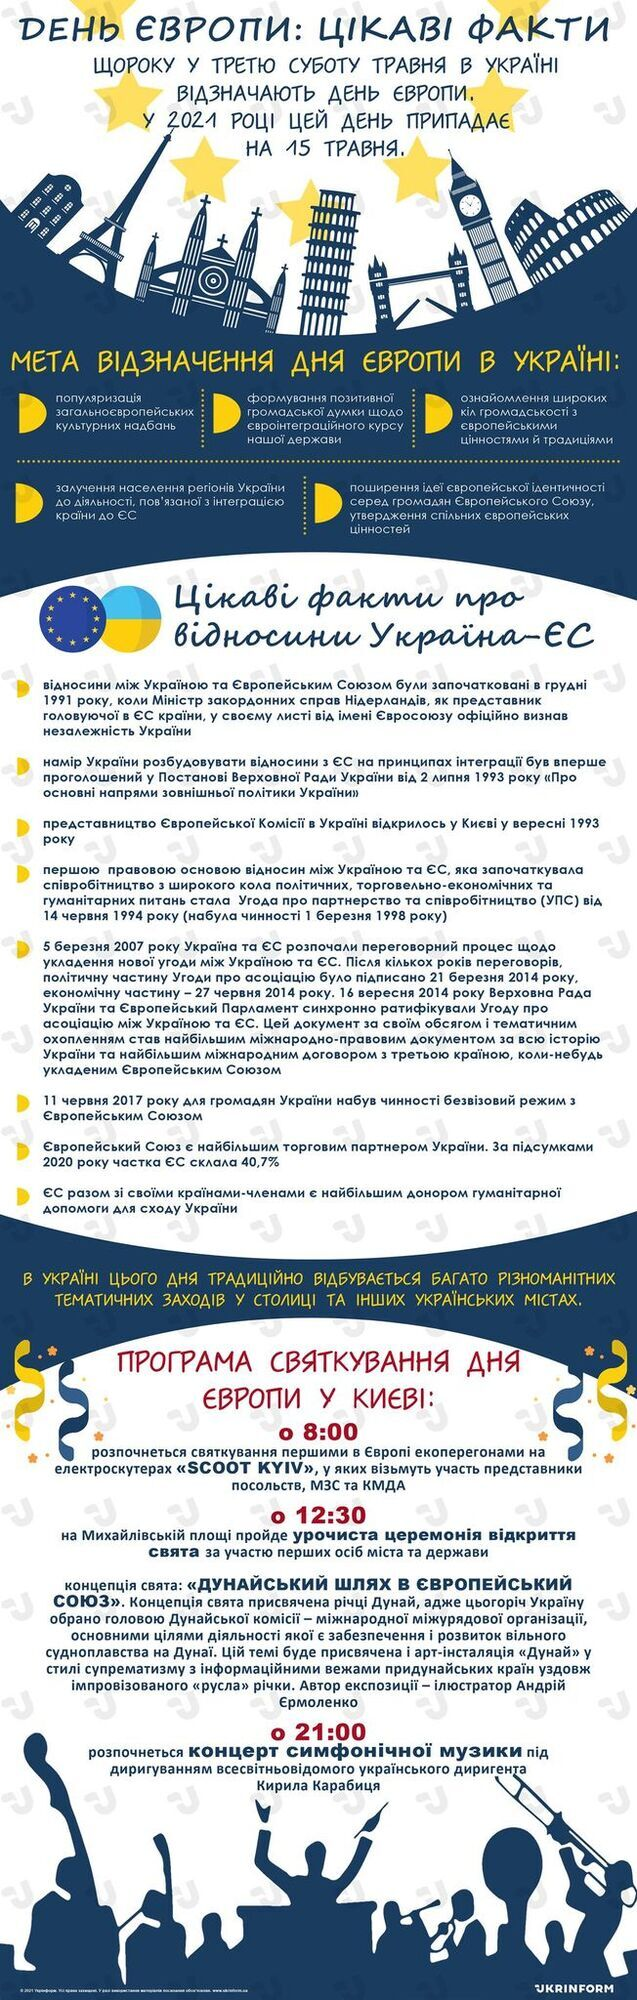 Введение безвизового режима с ЕС, который вступил в силу 11 июня 2017 года, позволил украинцам больше путешествовать